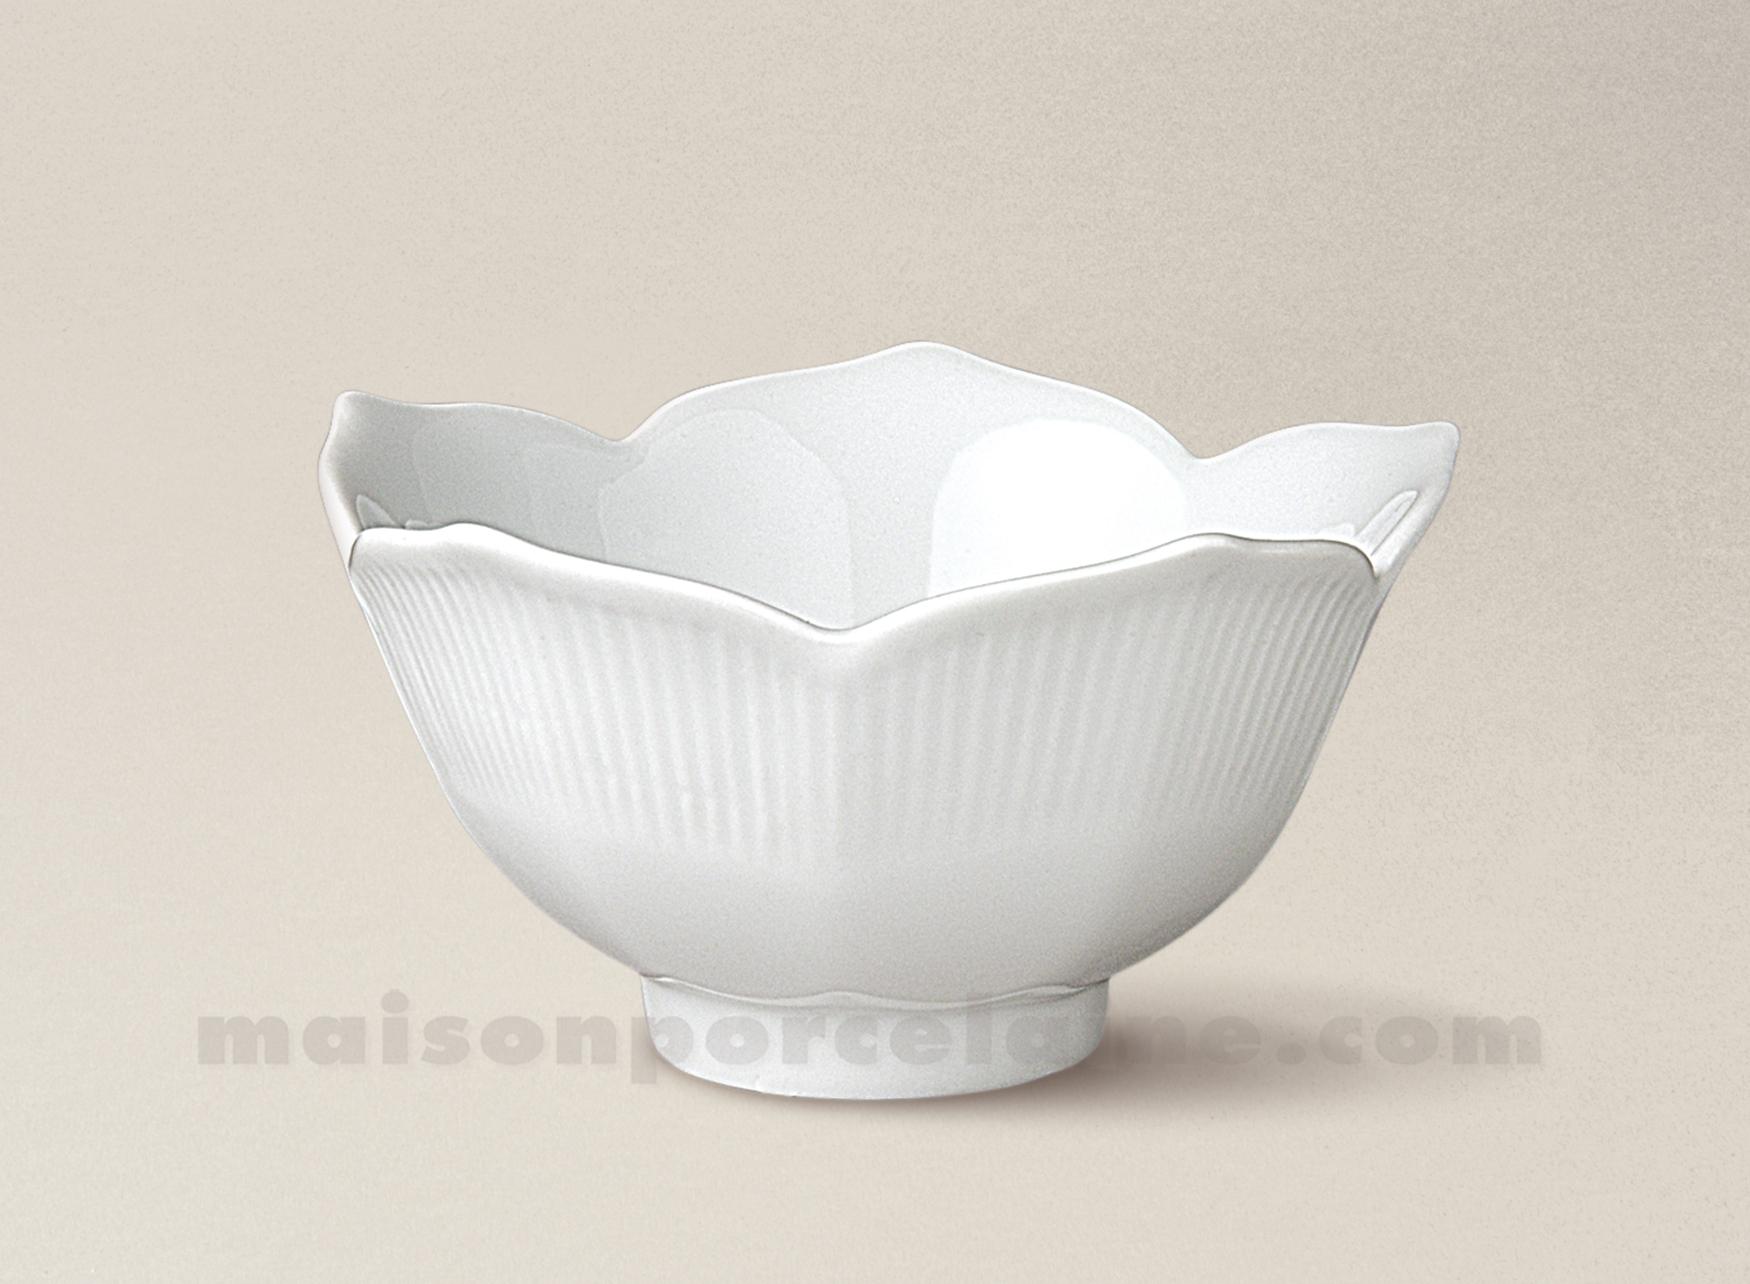 coupelle porcelaine blanche lotus pm 11x6 maison de la porcelaine. Black Bedroom Furniture Sets. Home Design Ideas